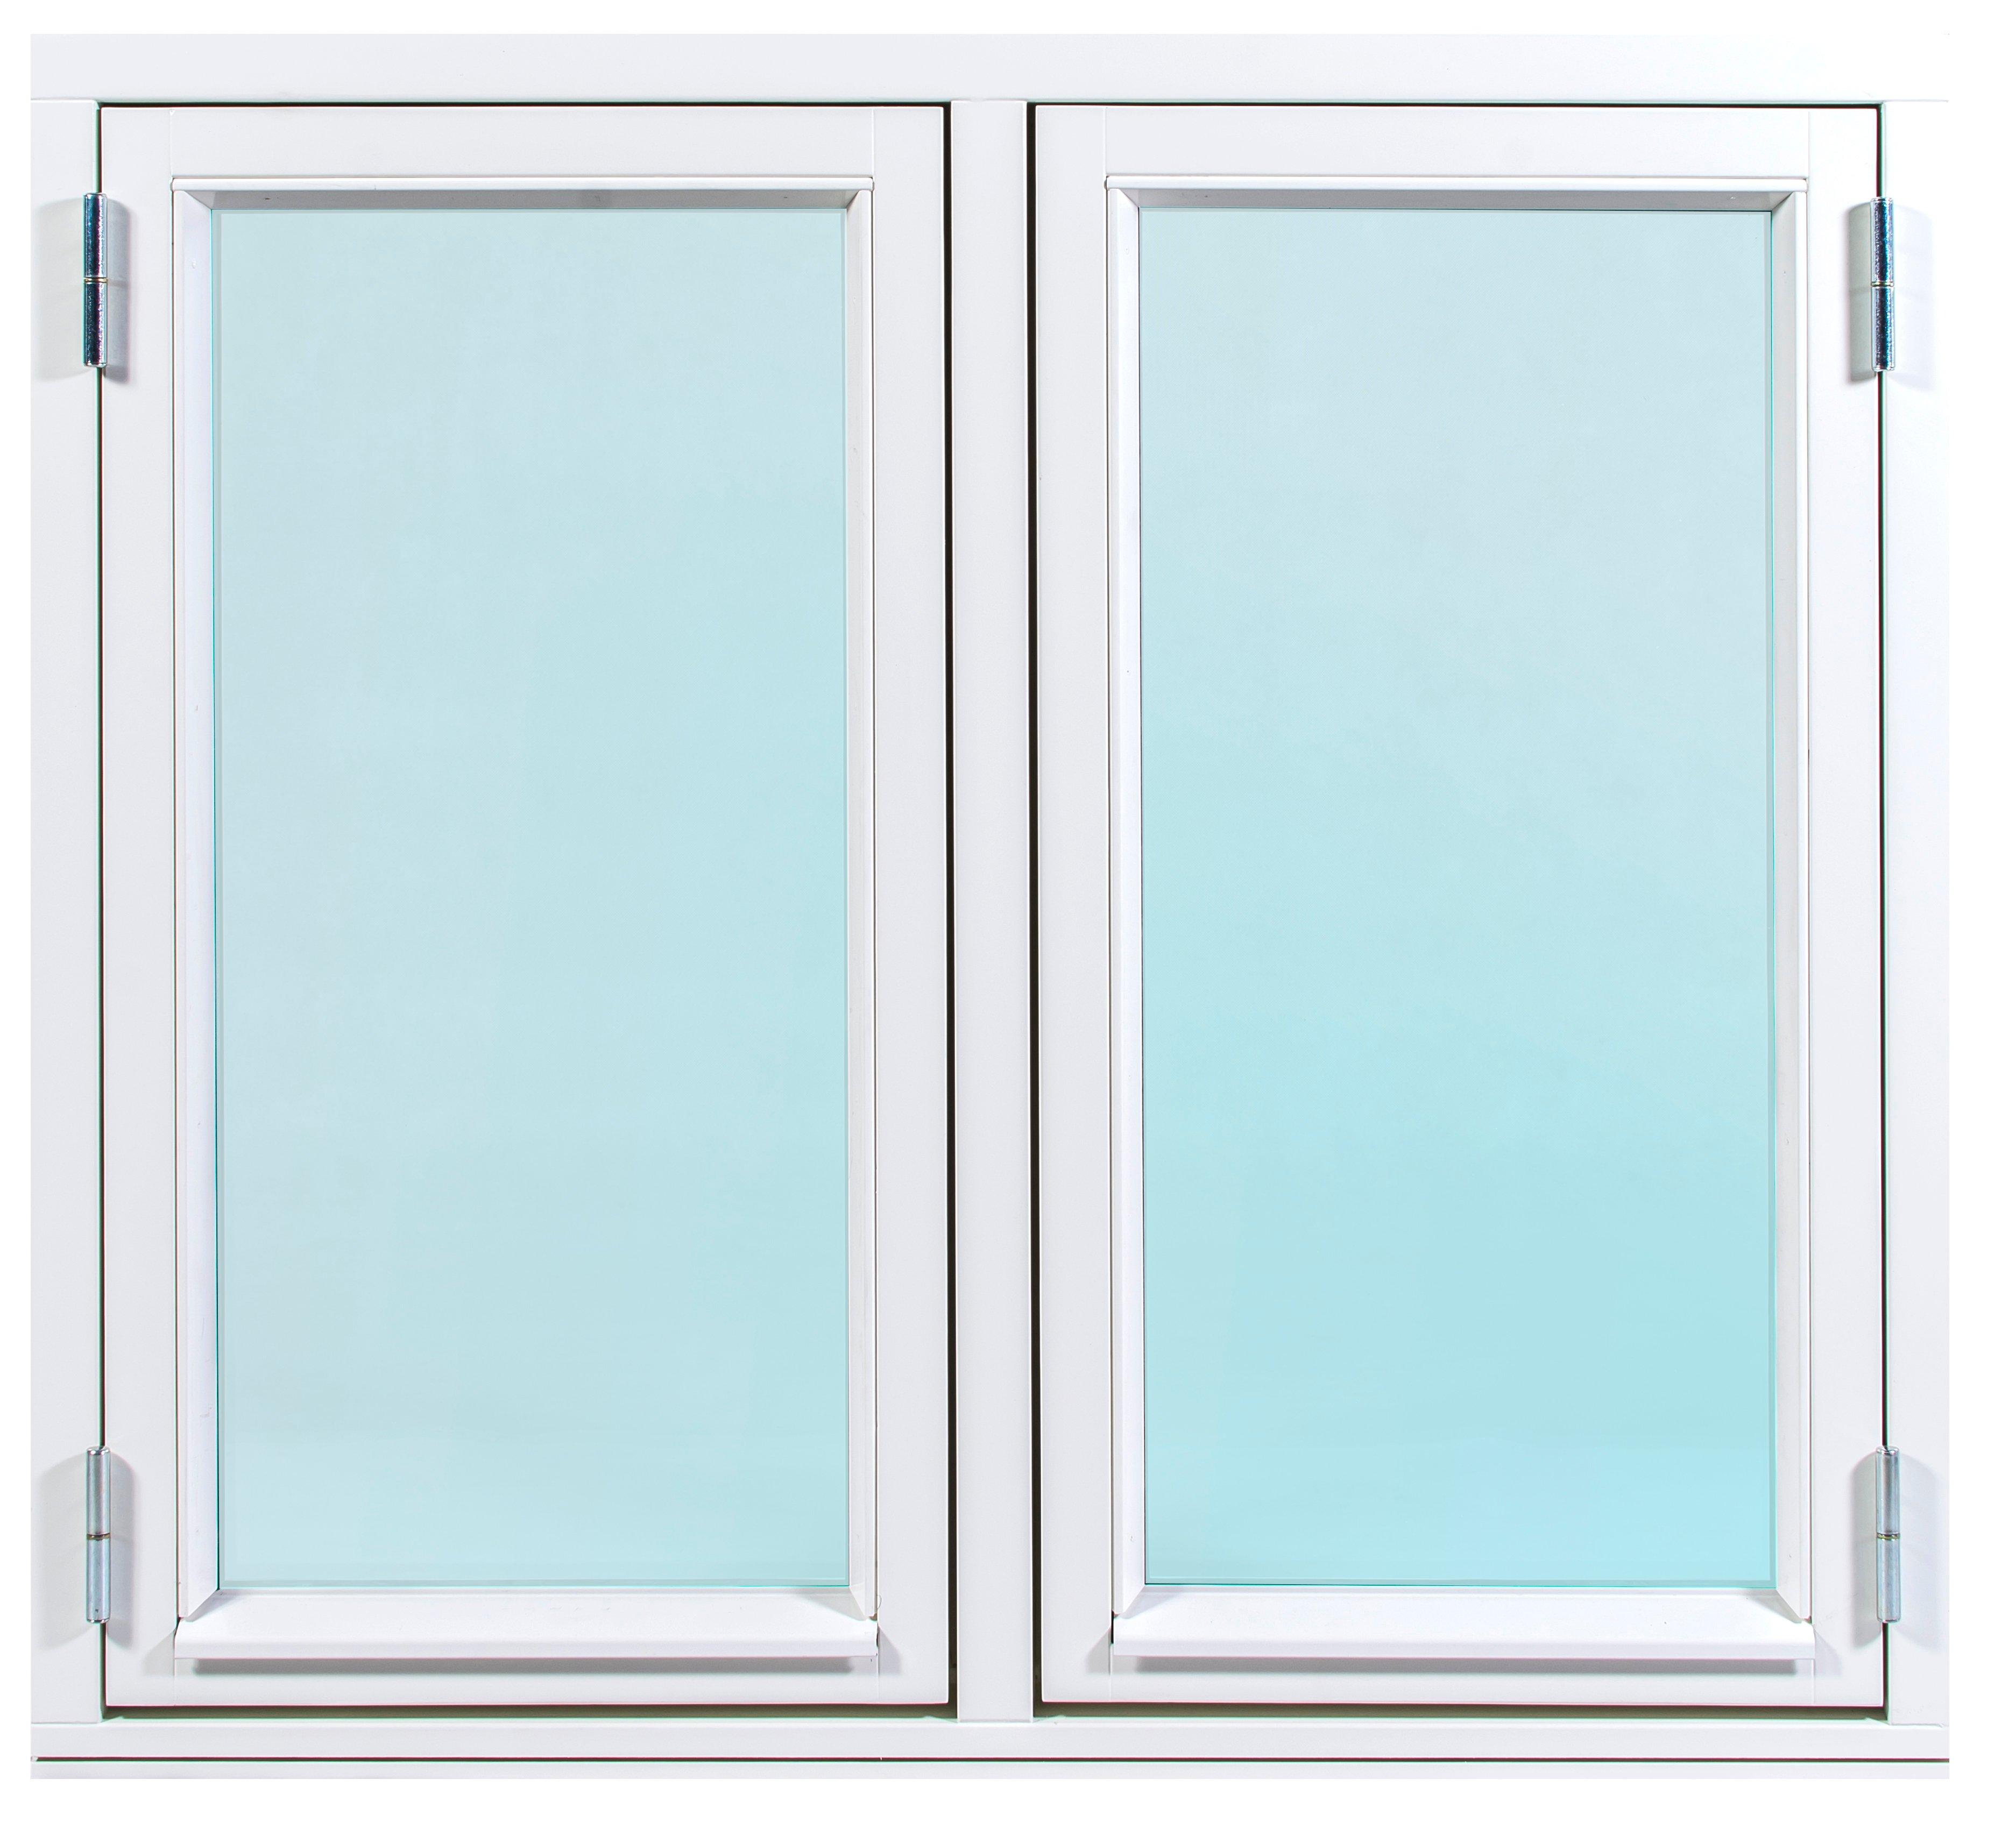 pris 2 luft fönster